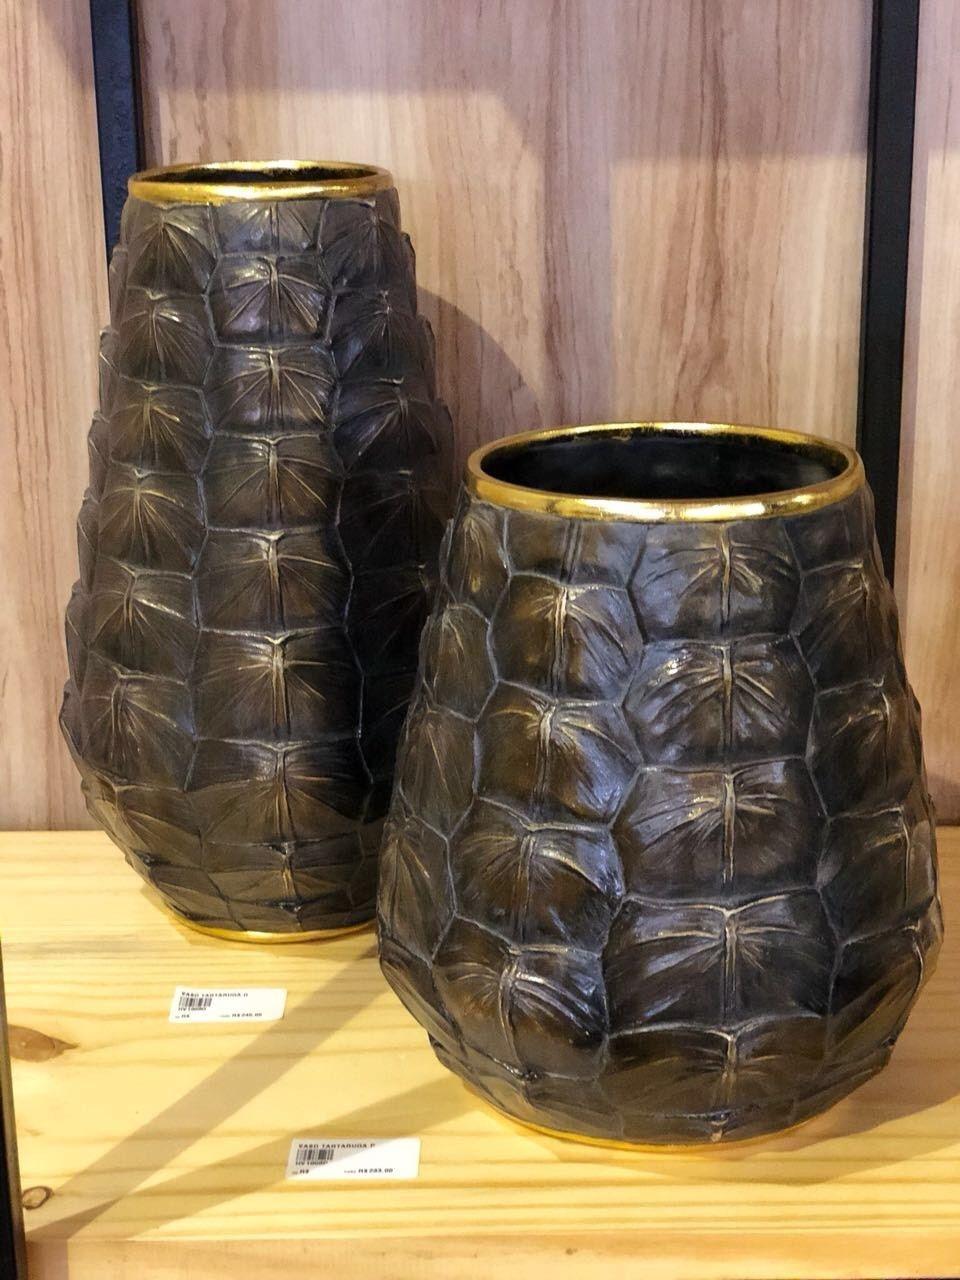 Vaso Decorativo Em Resina Estilo Couro De Tartaruga 35 X 20 X 20  - Arrivo Mobile